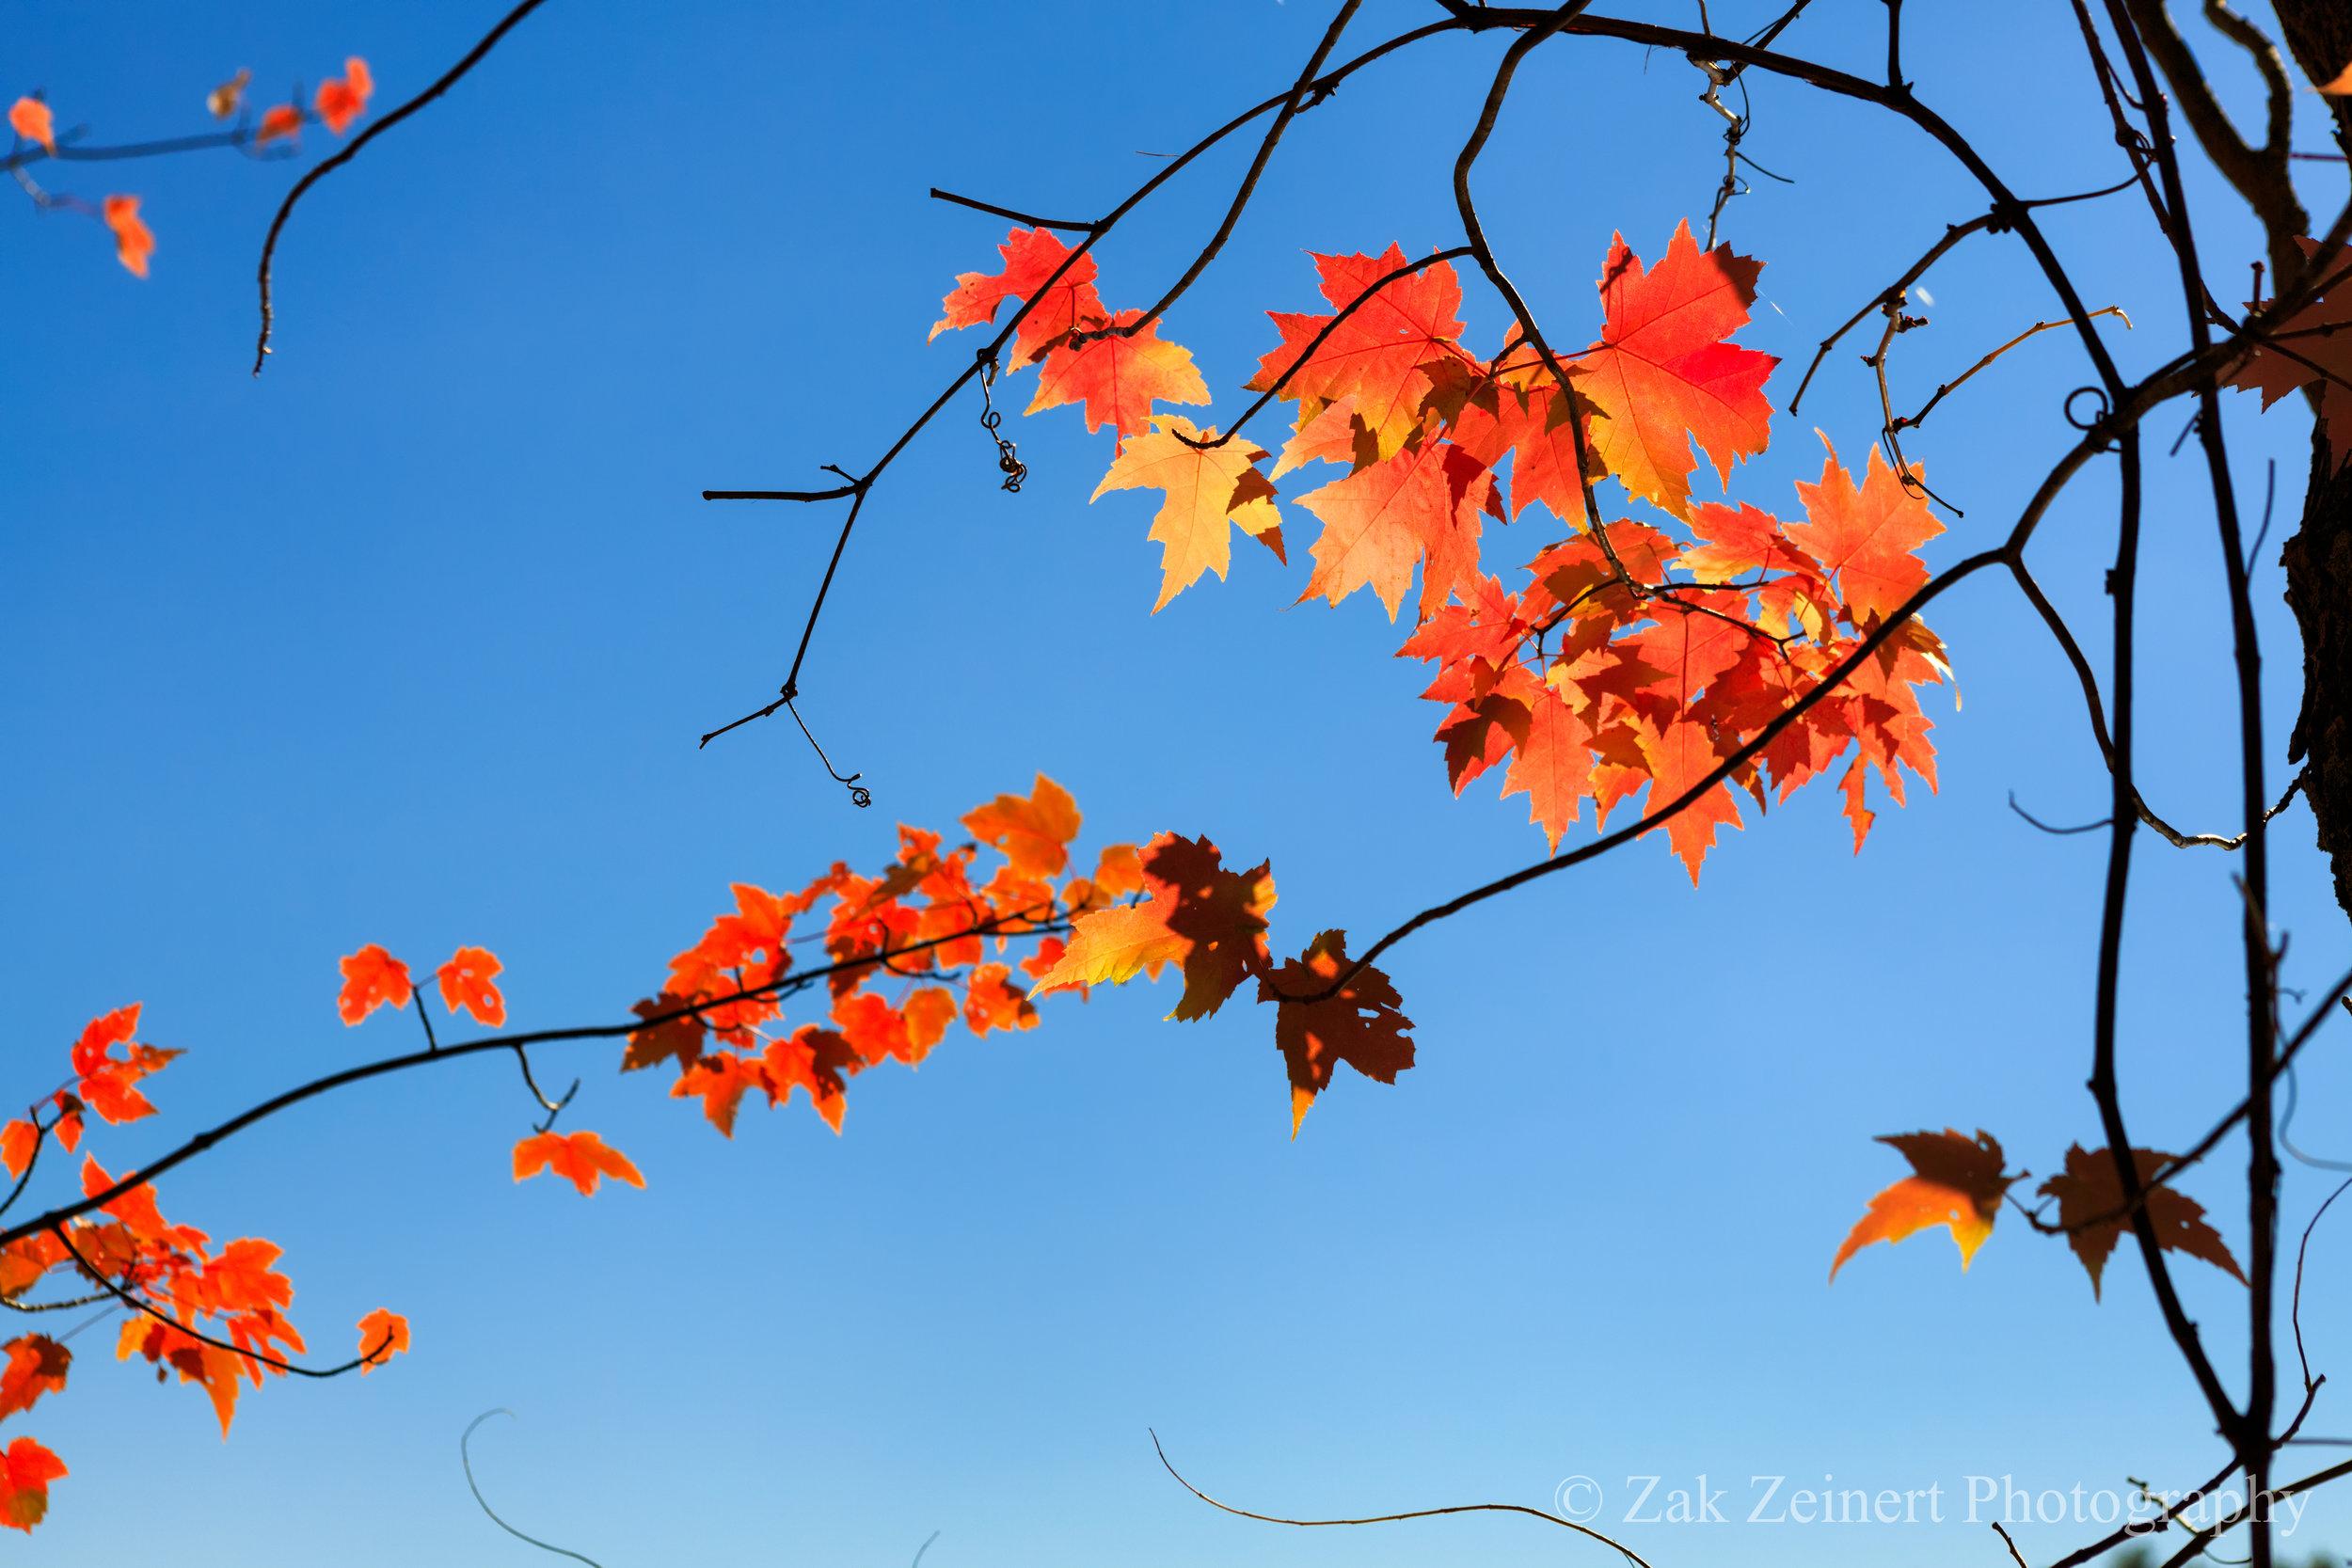 Fall colors outside of Boston